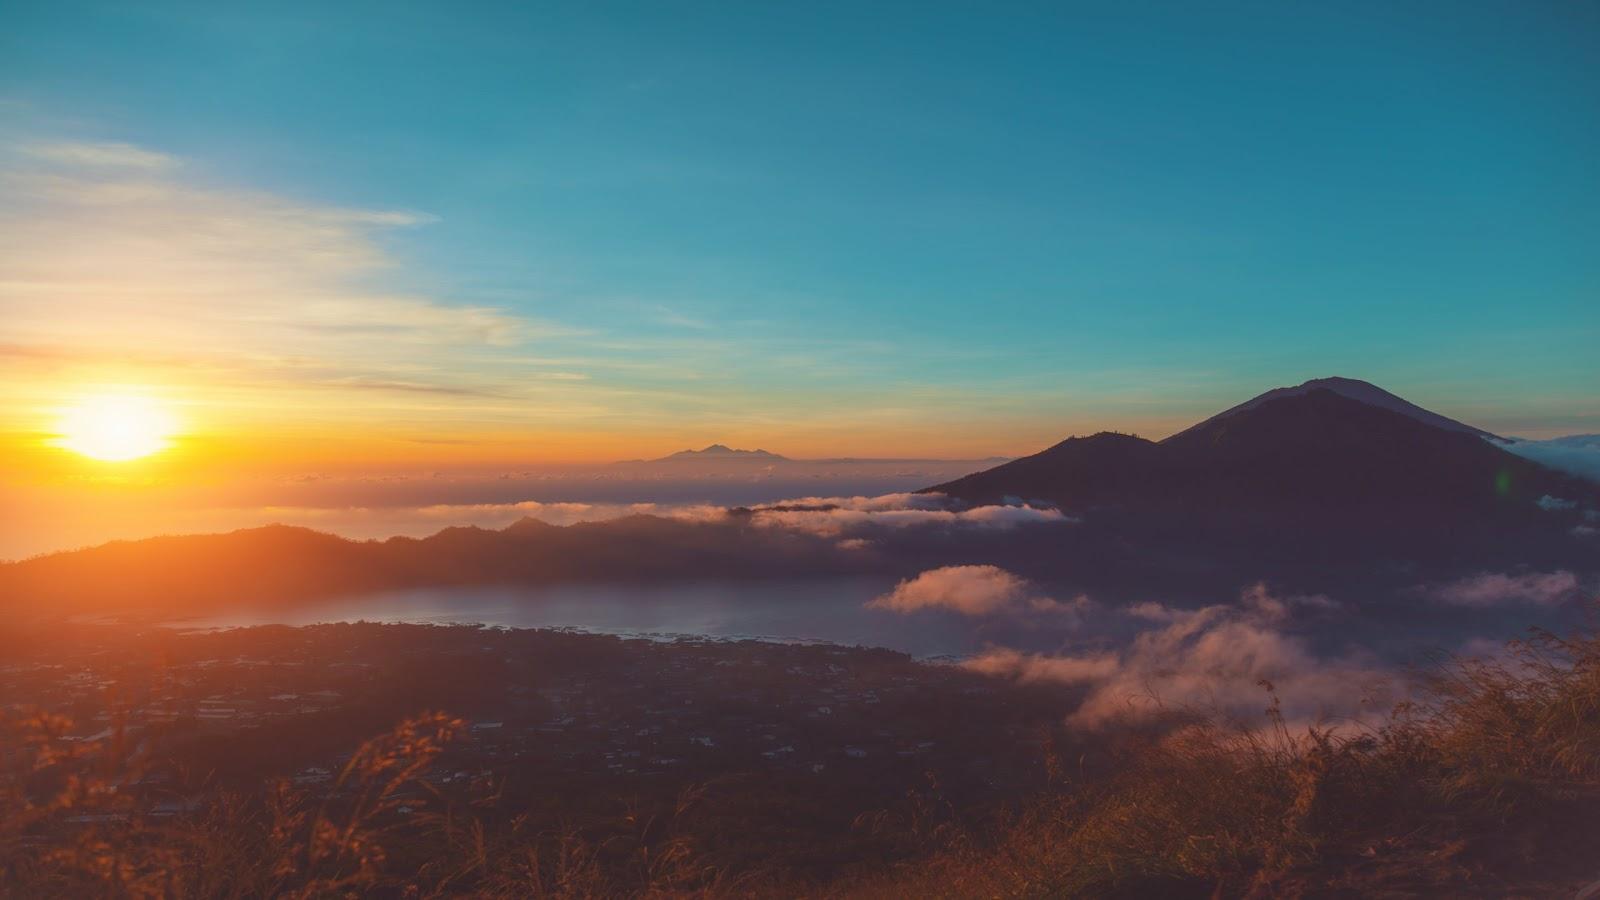 Pemandangan Gunung Batur dan Danau Batur saat sunrise.